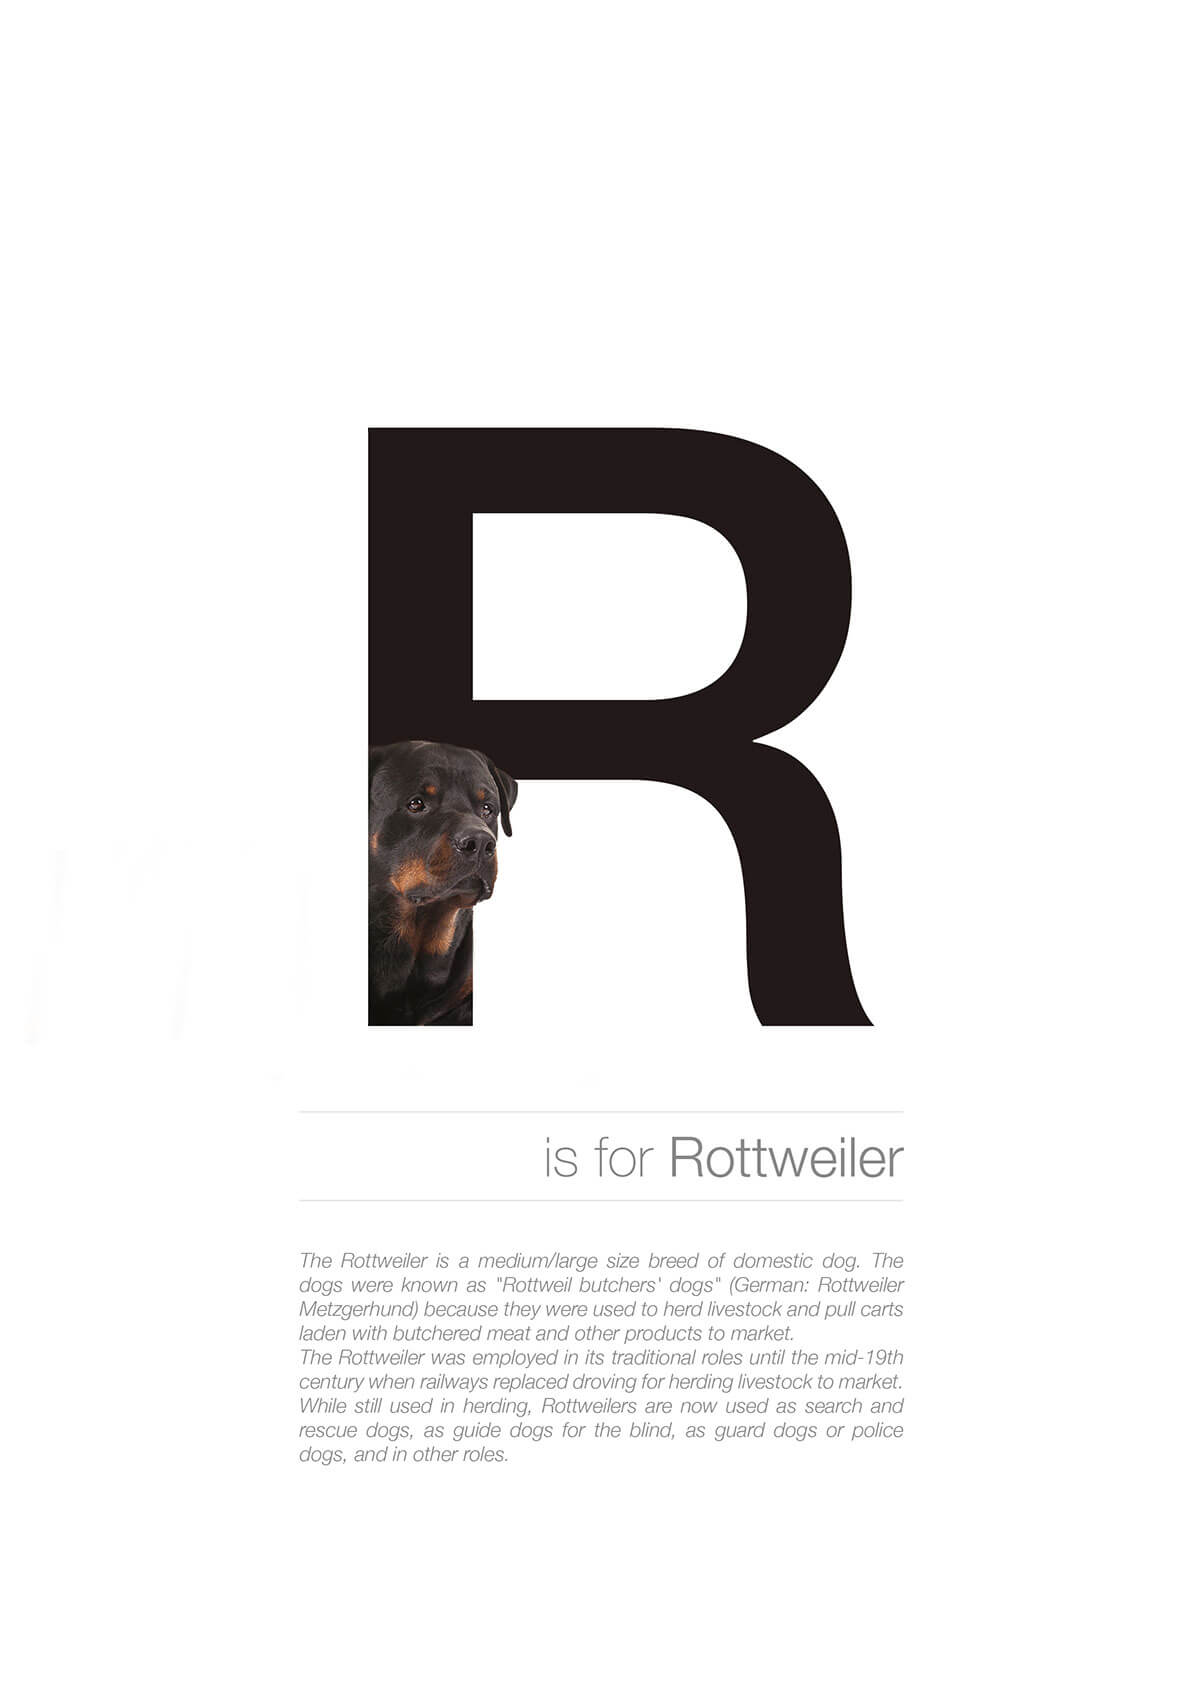 R ตัวอักษรกราฟฟิค A Z สายพันธุ์หมาไอเดียน่ารักจากดีไซน์เนอร์โรมาเนีย